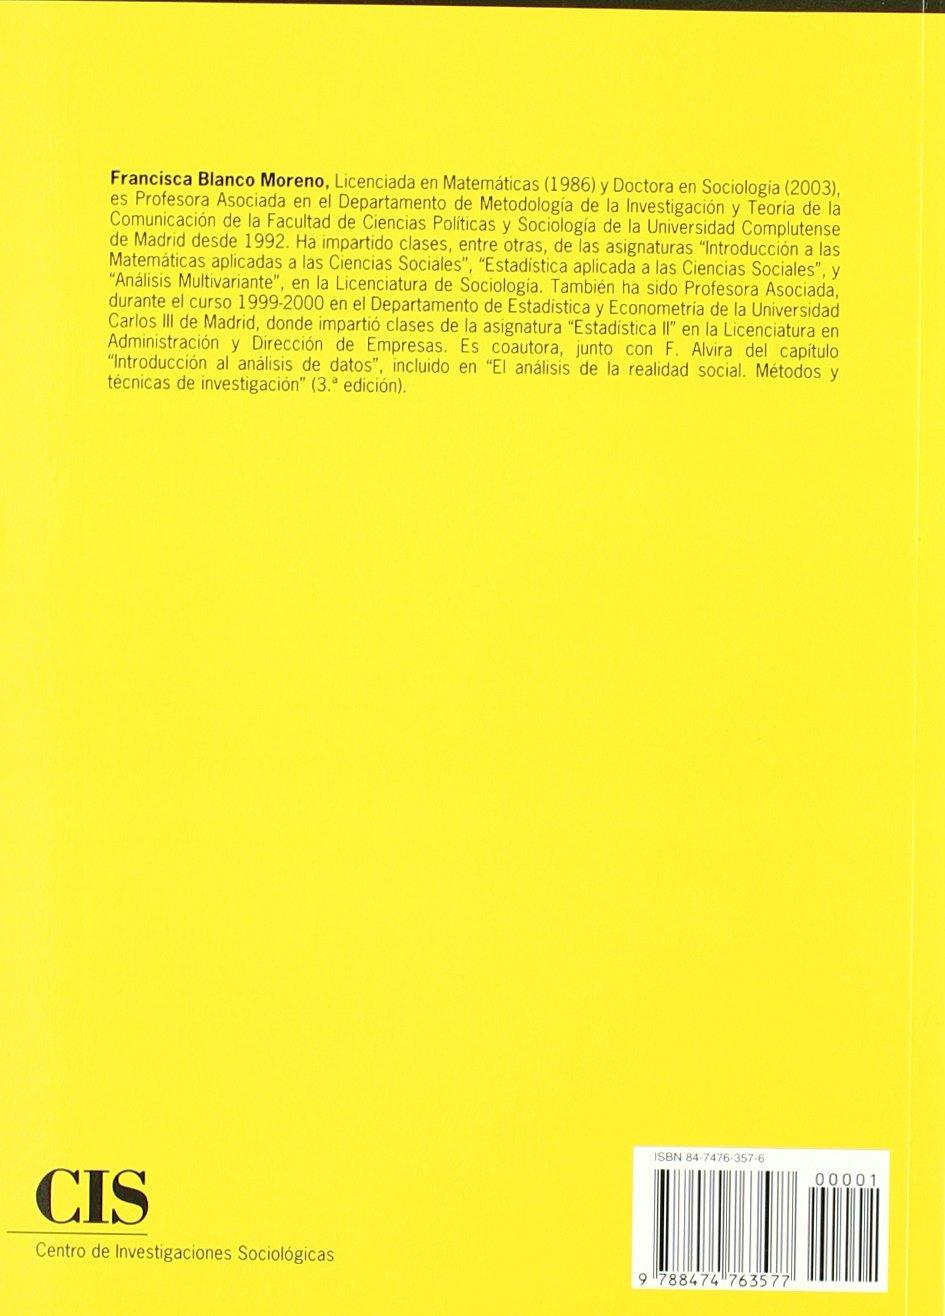 Introducción a las matemáticas para las Ciencias Sociales (Spanish Edition): Francisca Blanco Moreno: 9788474763577: Amazon.com: Books